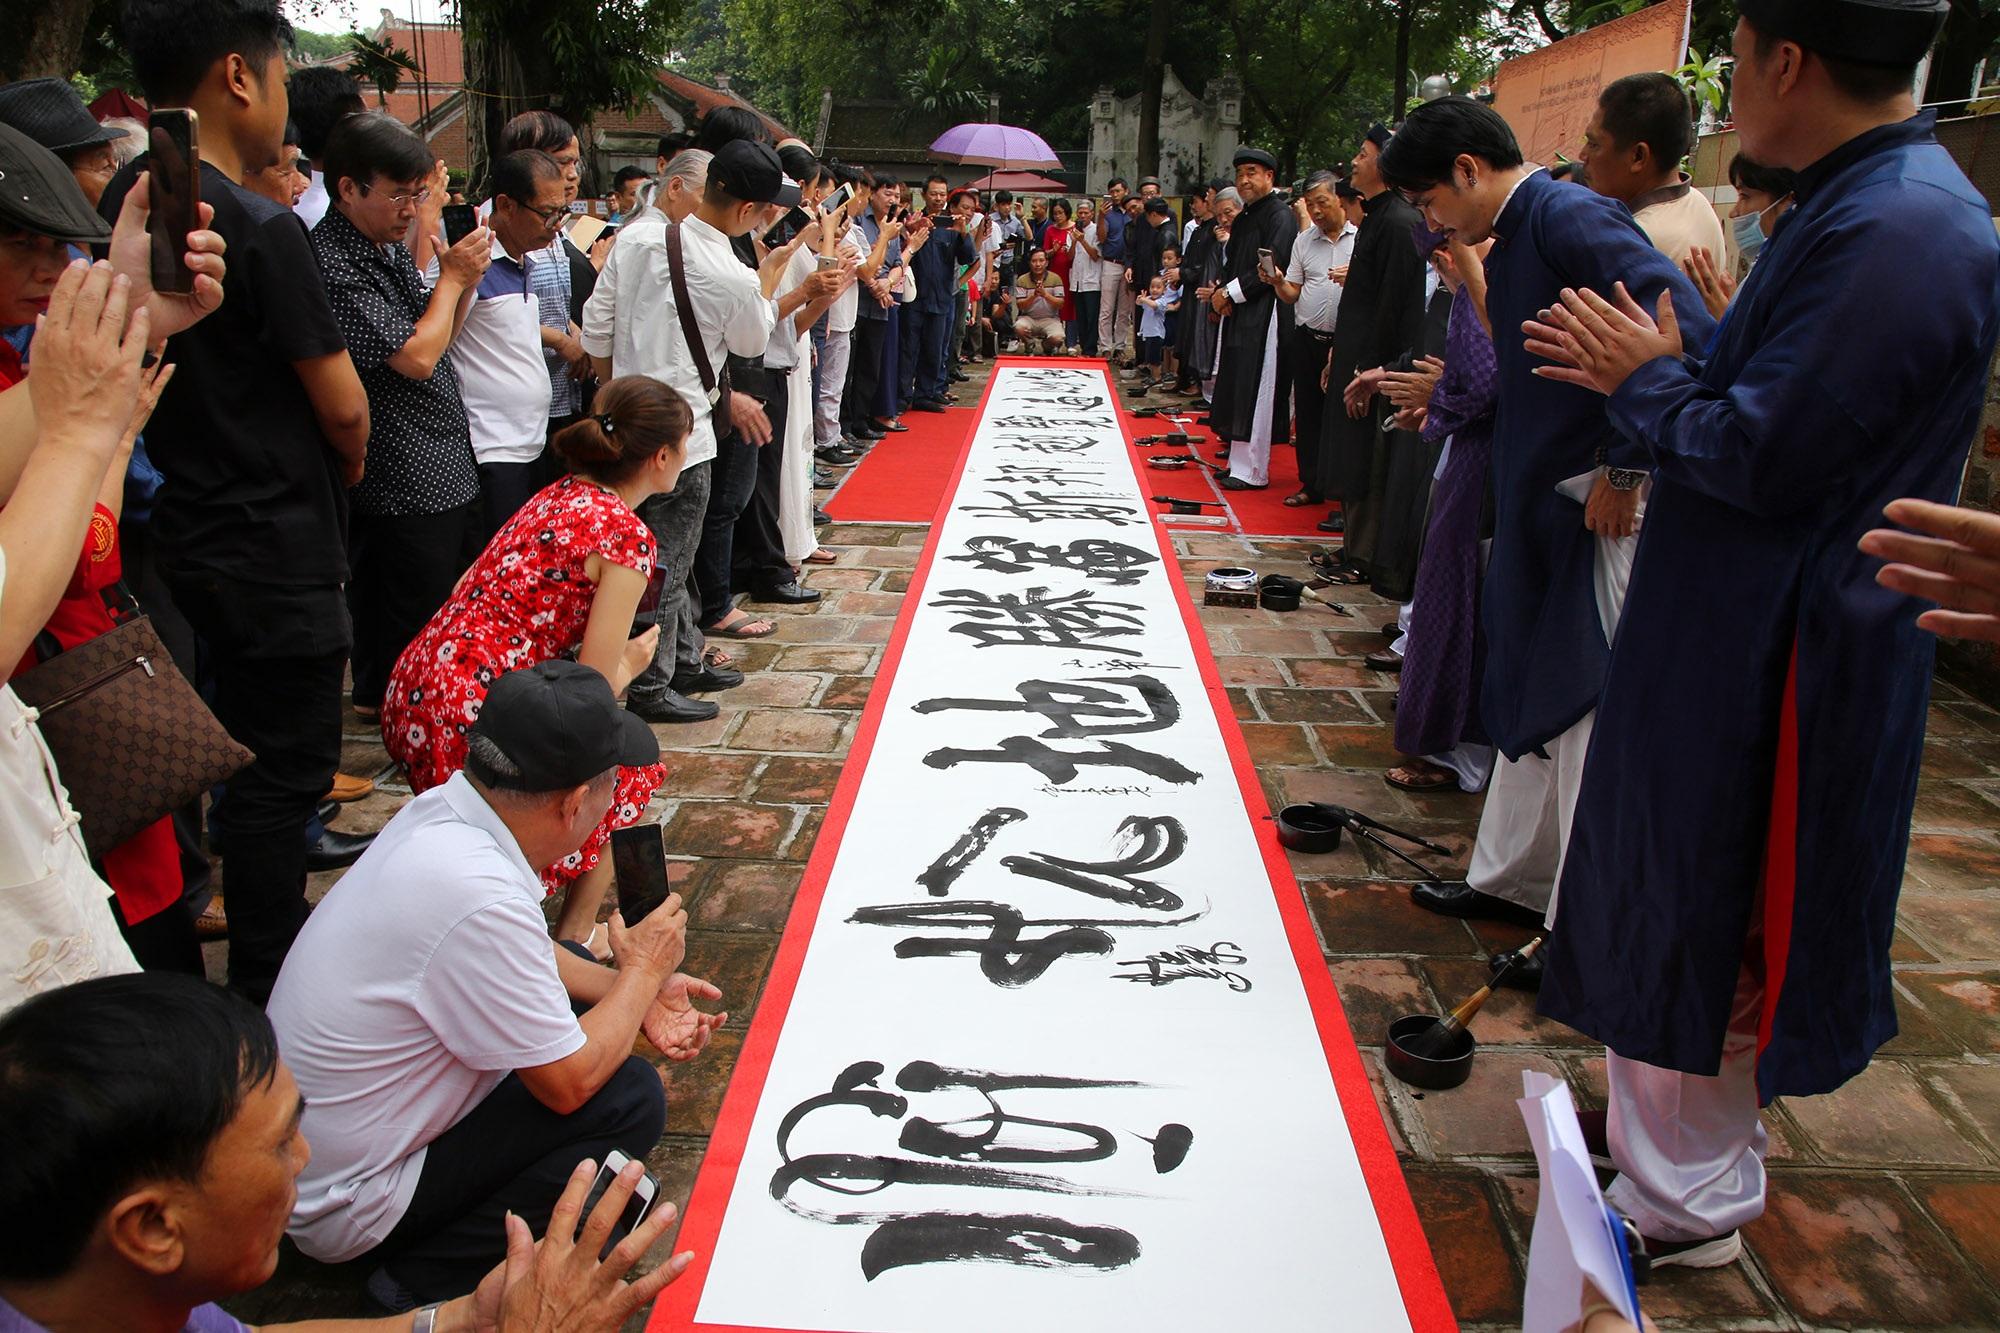 12 thư pháp gia dùng bút khổng lồ viết bức thư pháp dài 12 mét - 11